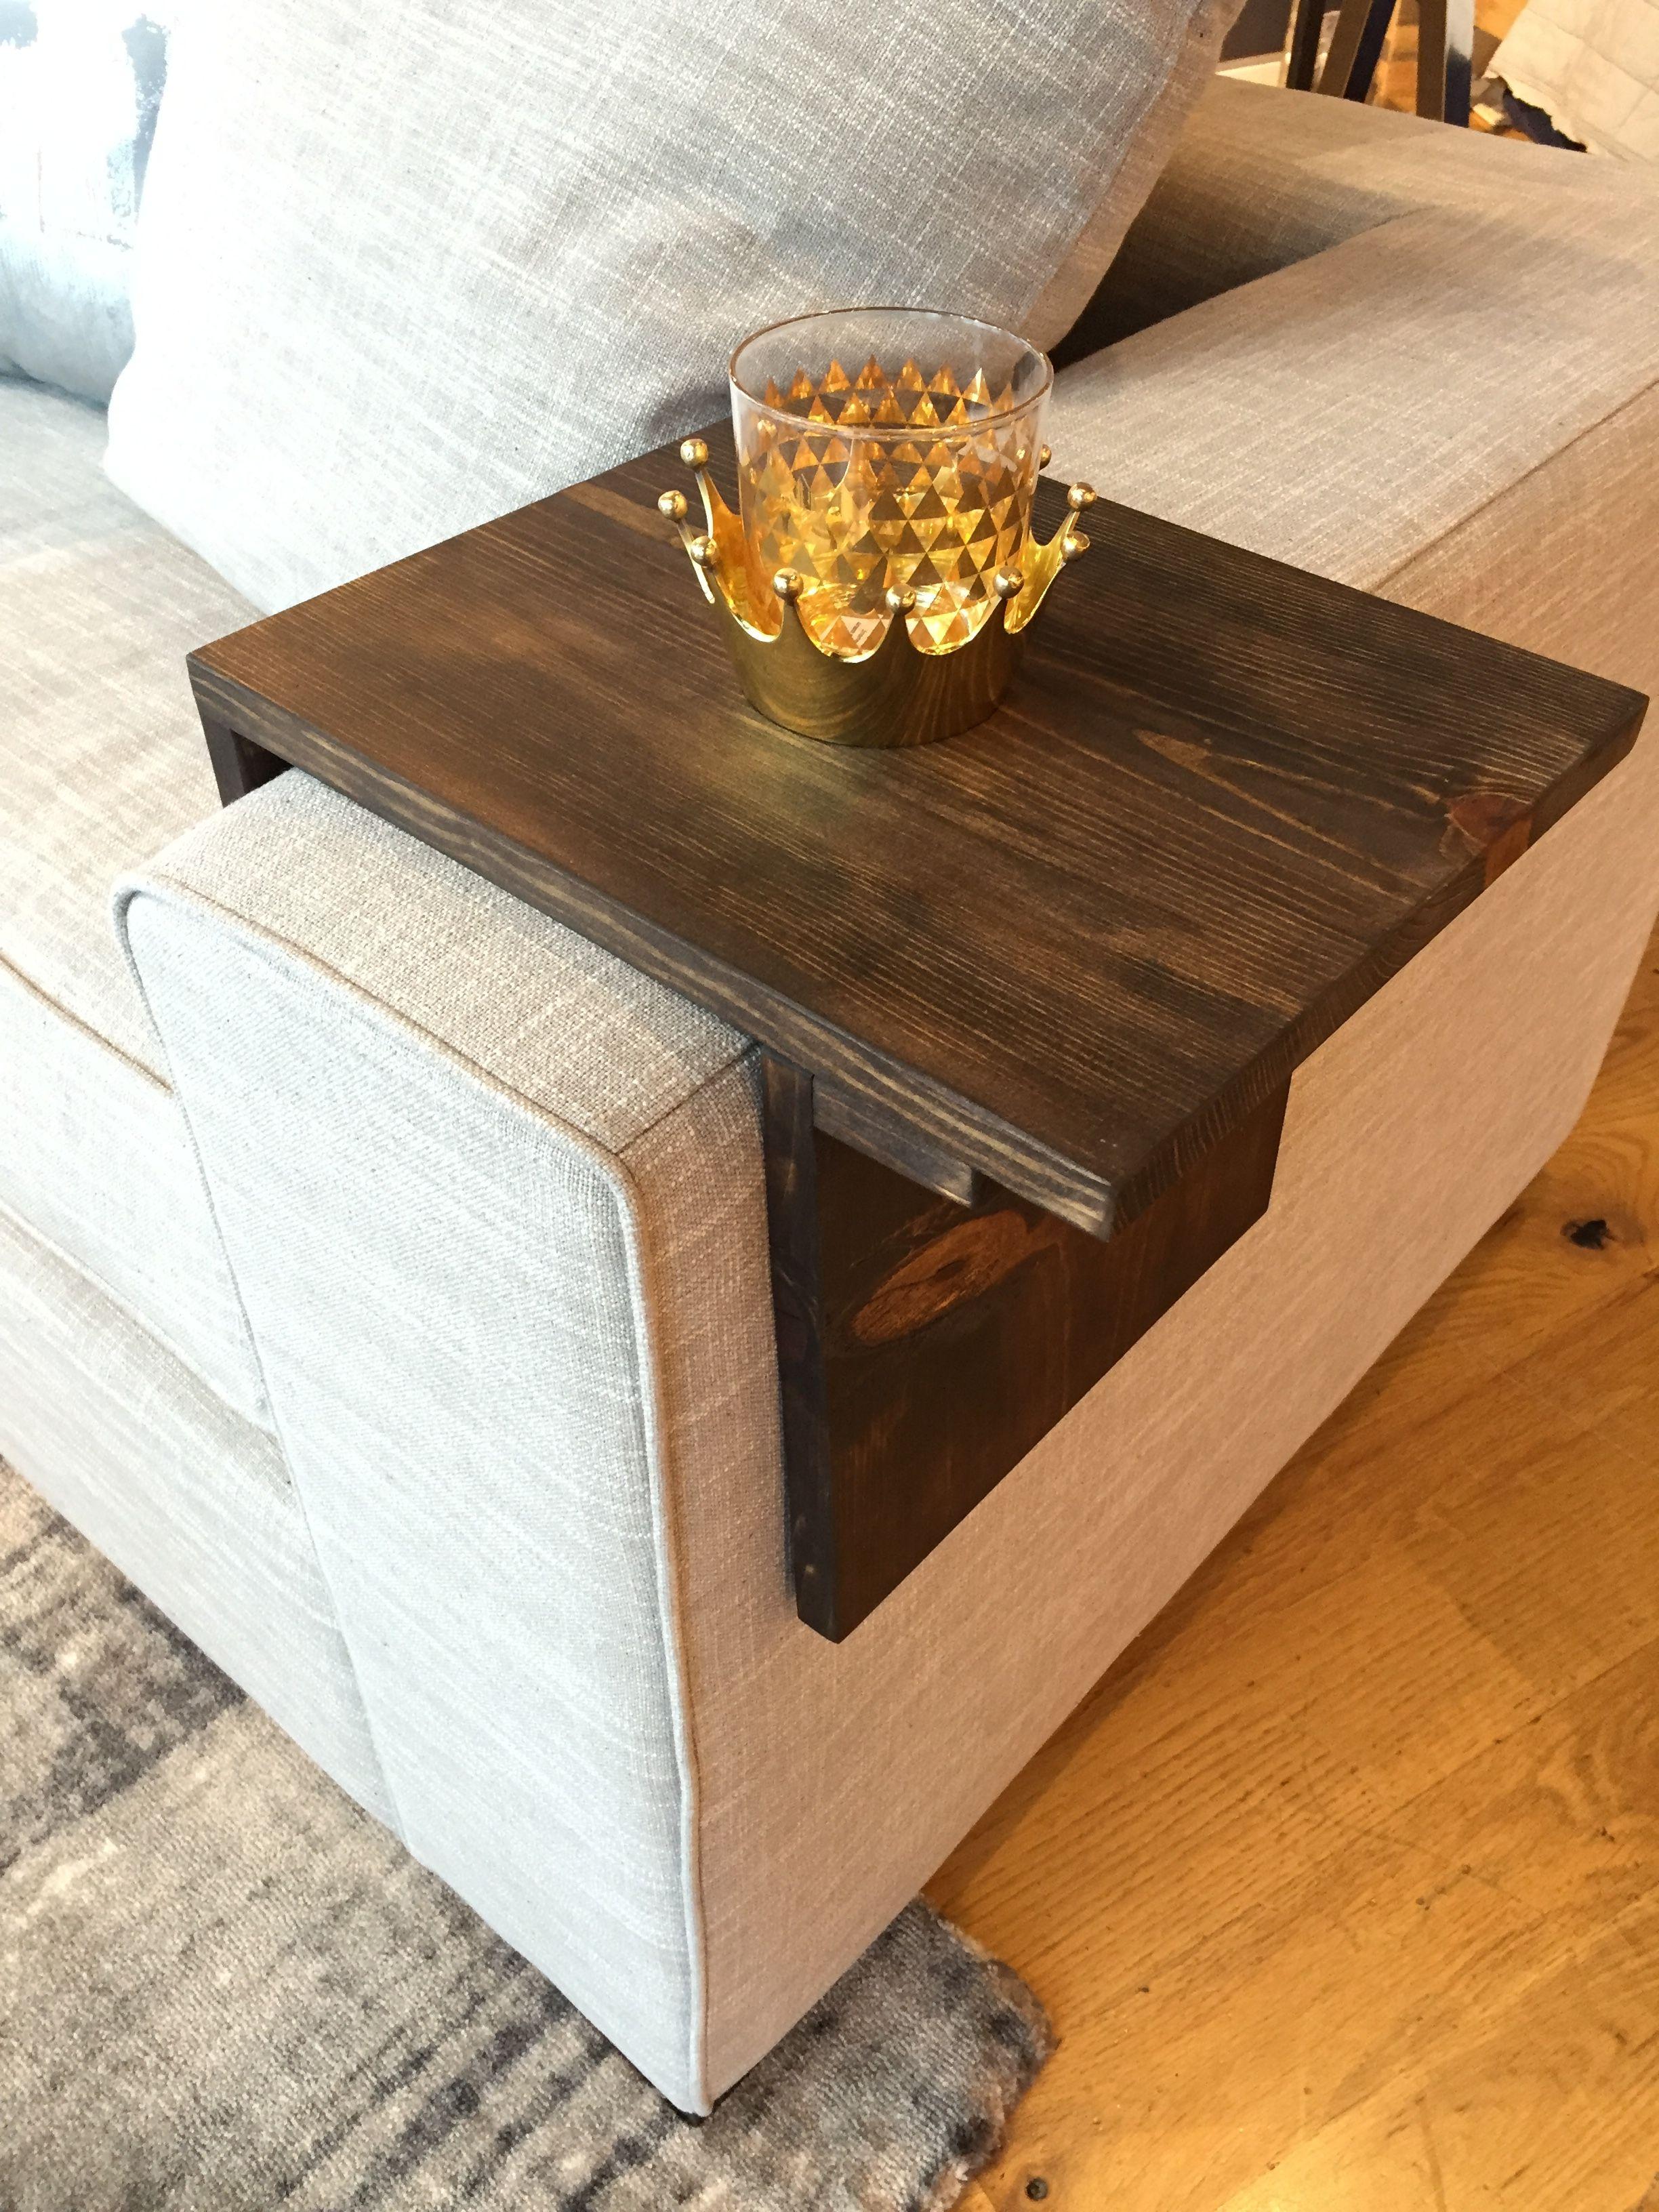 Adjustable Armrest Table Arm Rest Table Unique Wood Furniture Furniture